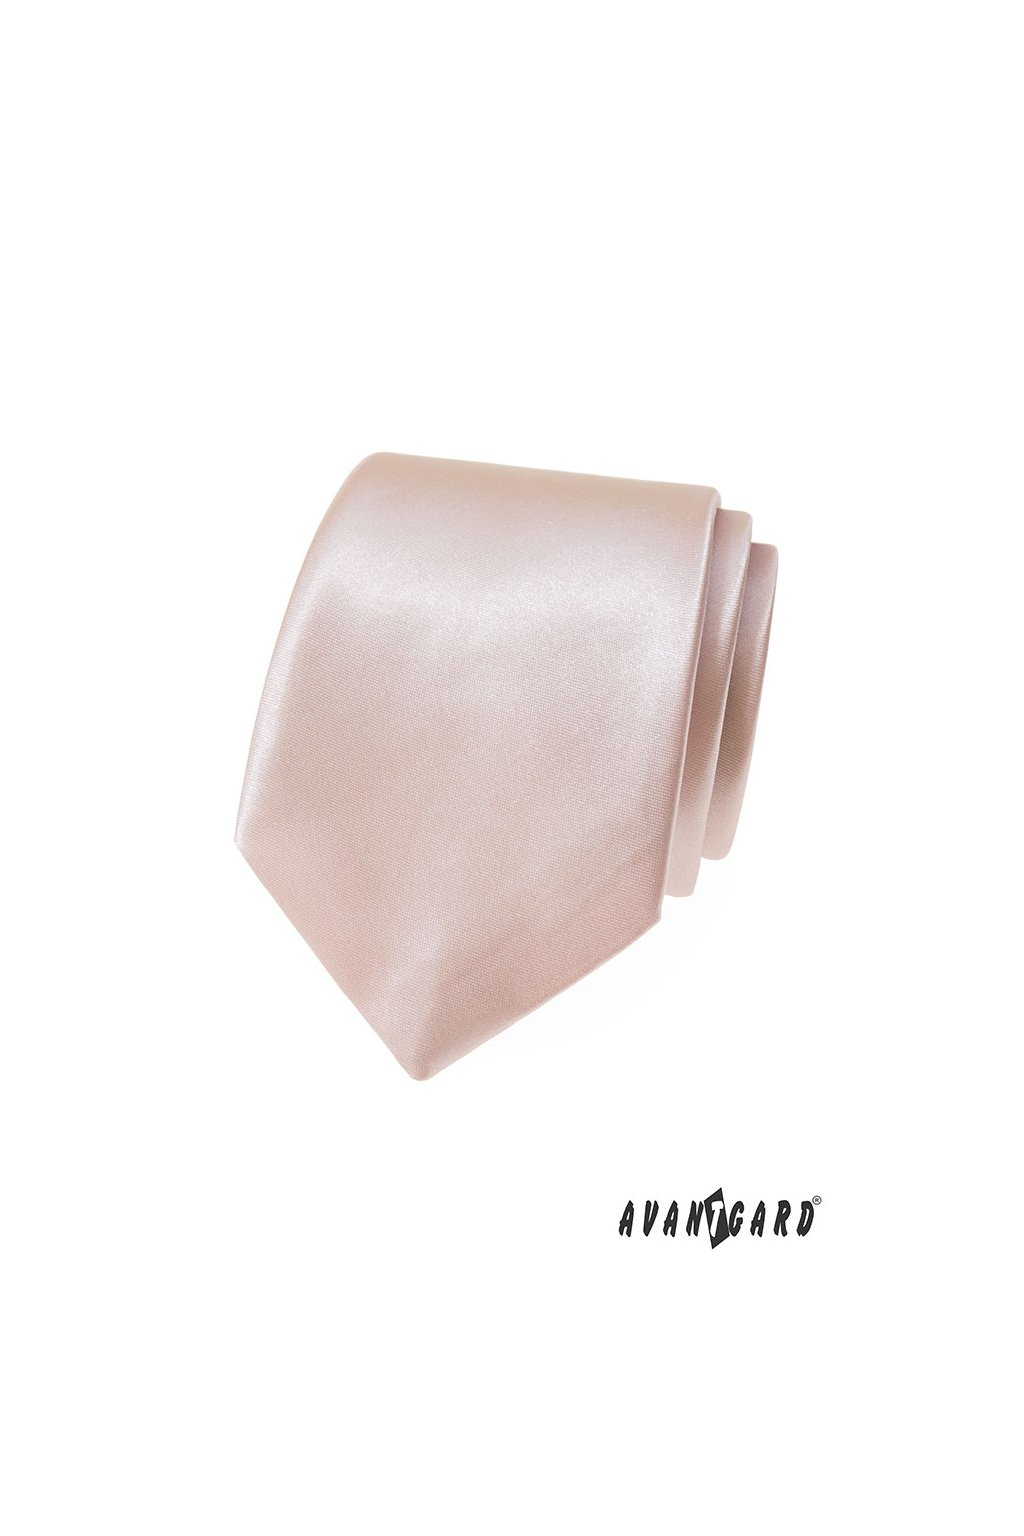 Pudrová kravata 559 - 729